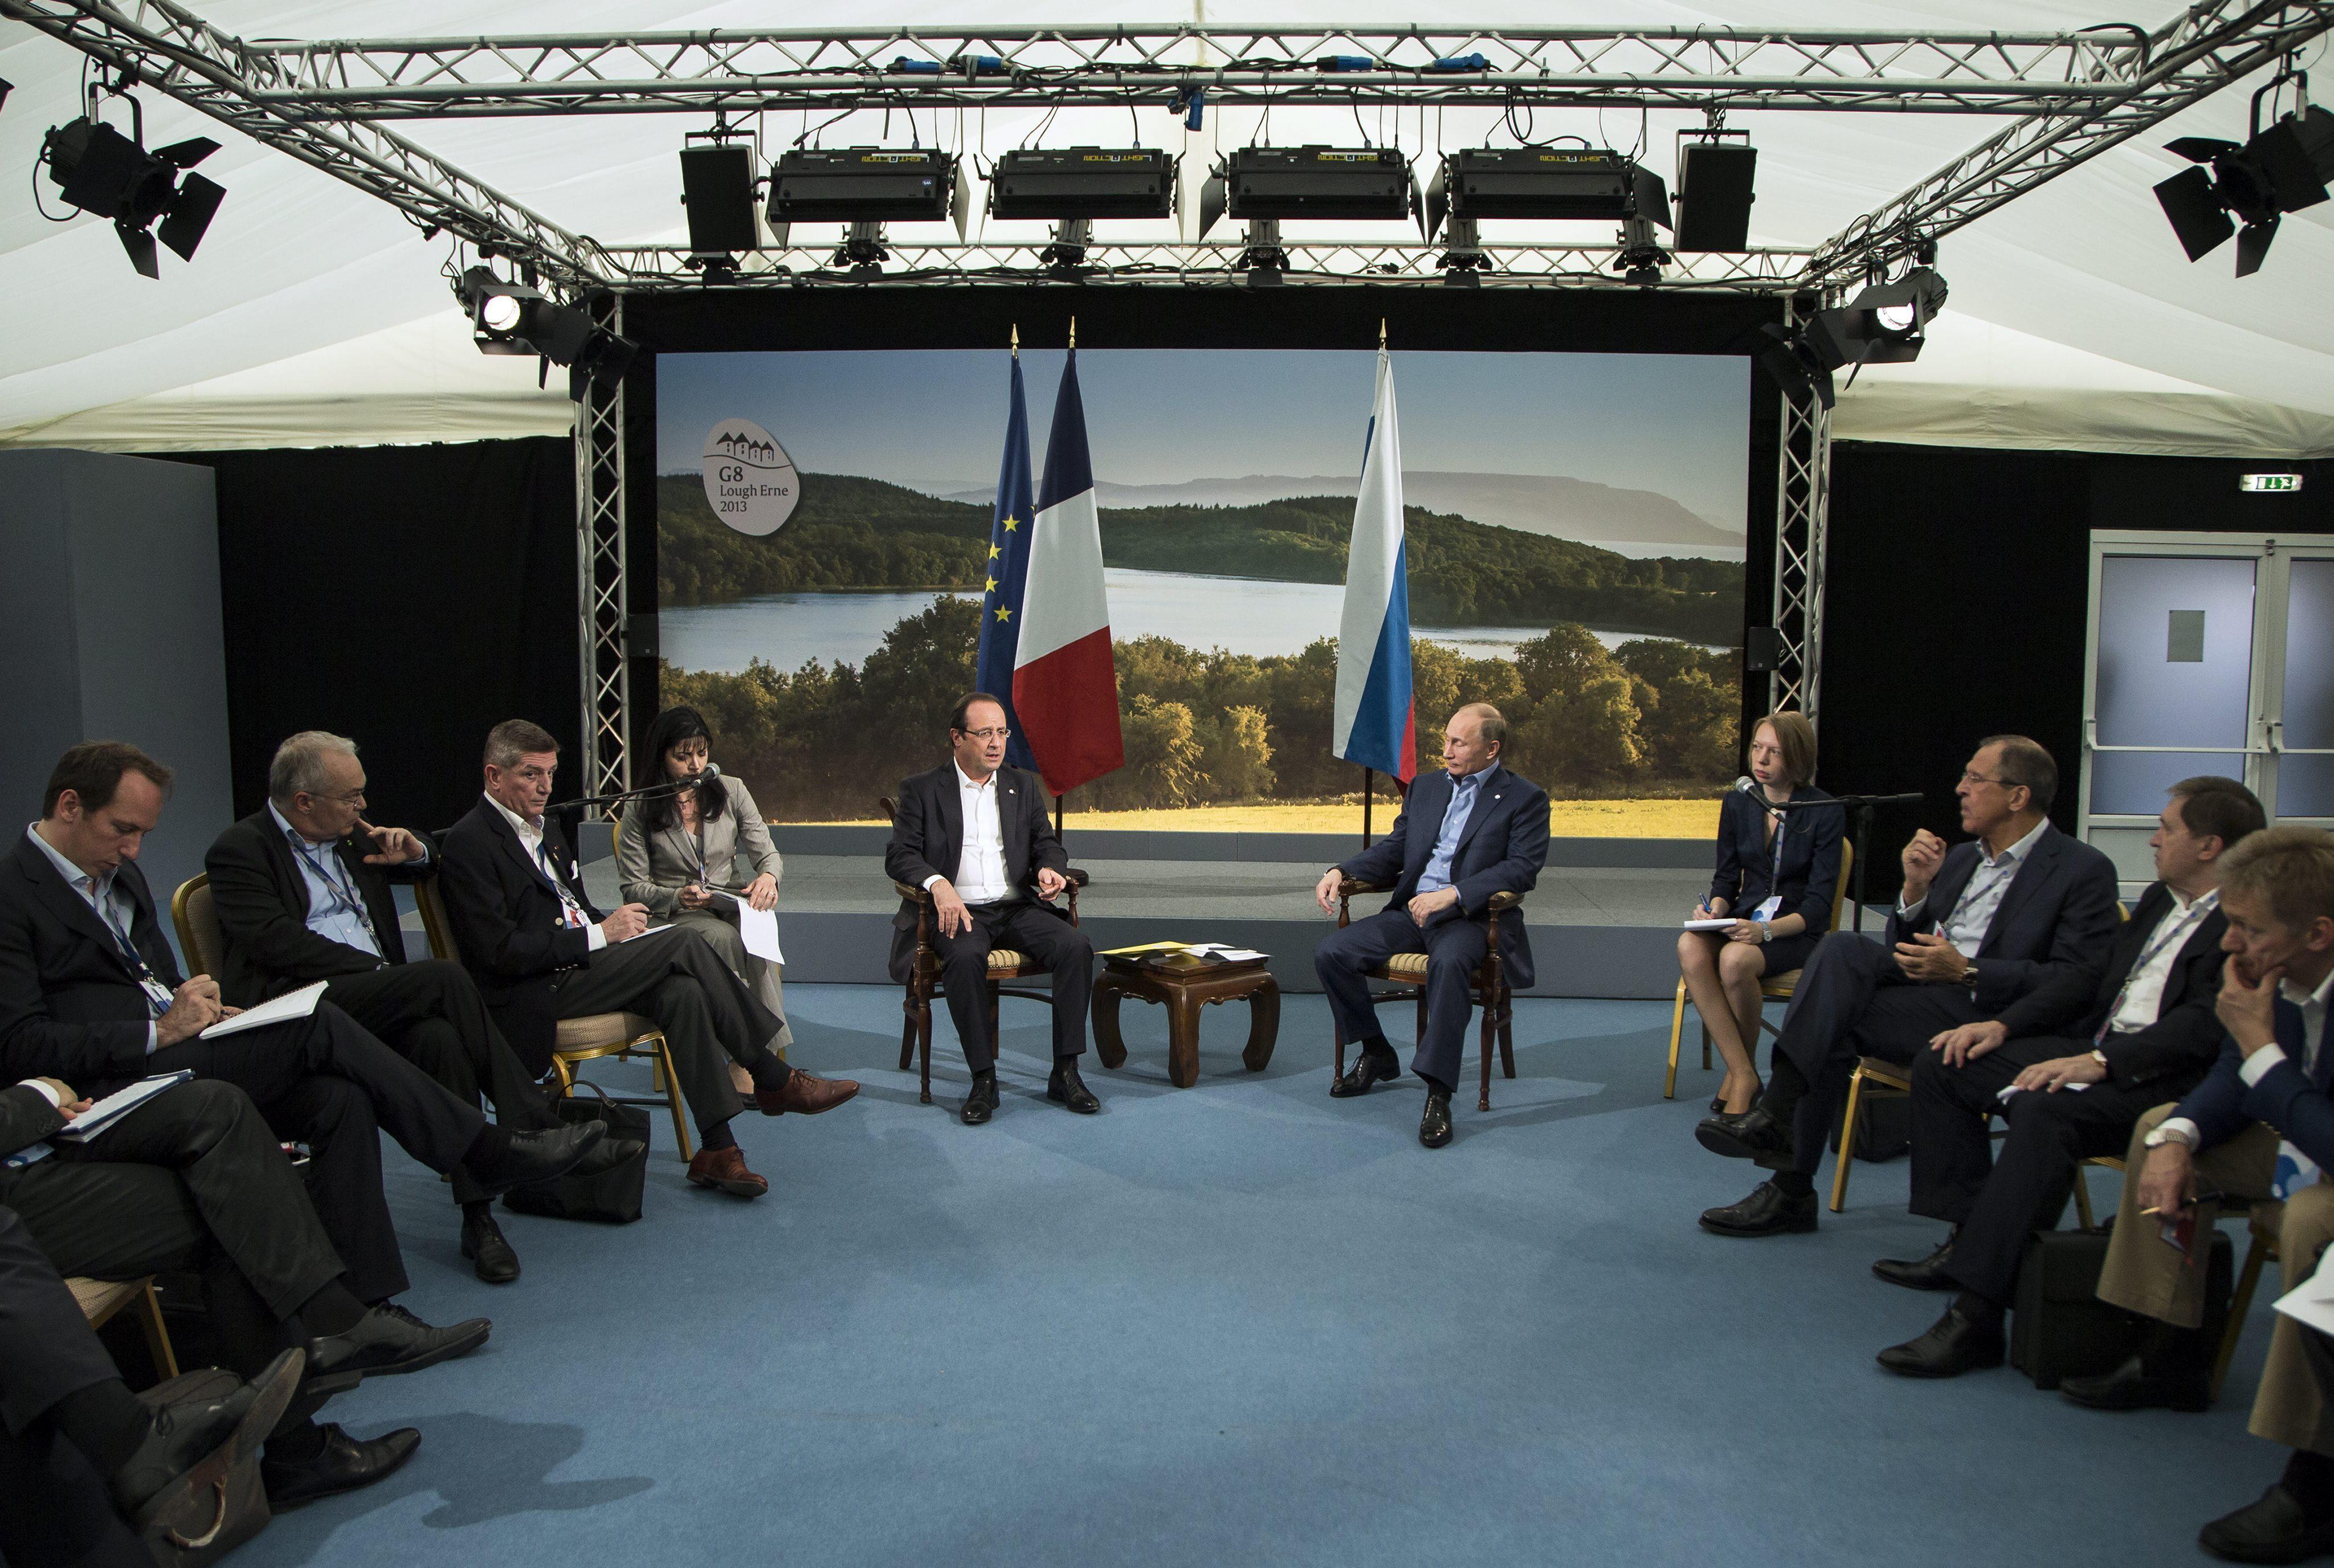 Comienza la cumbre del G8 en Irlanda del Norte